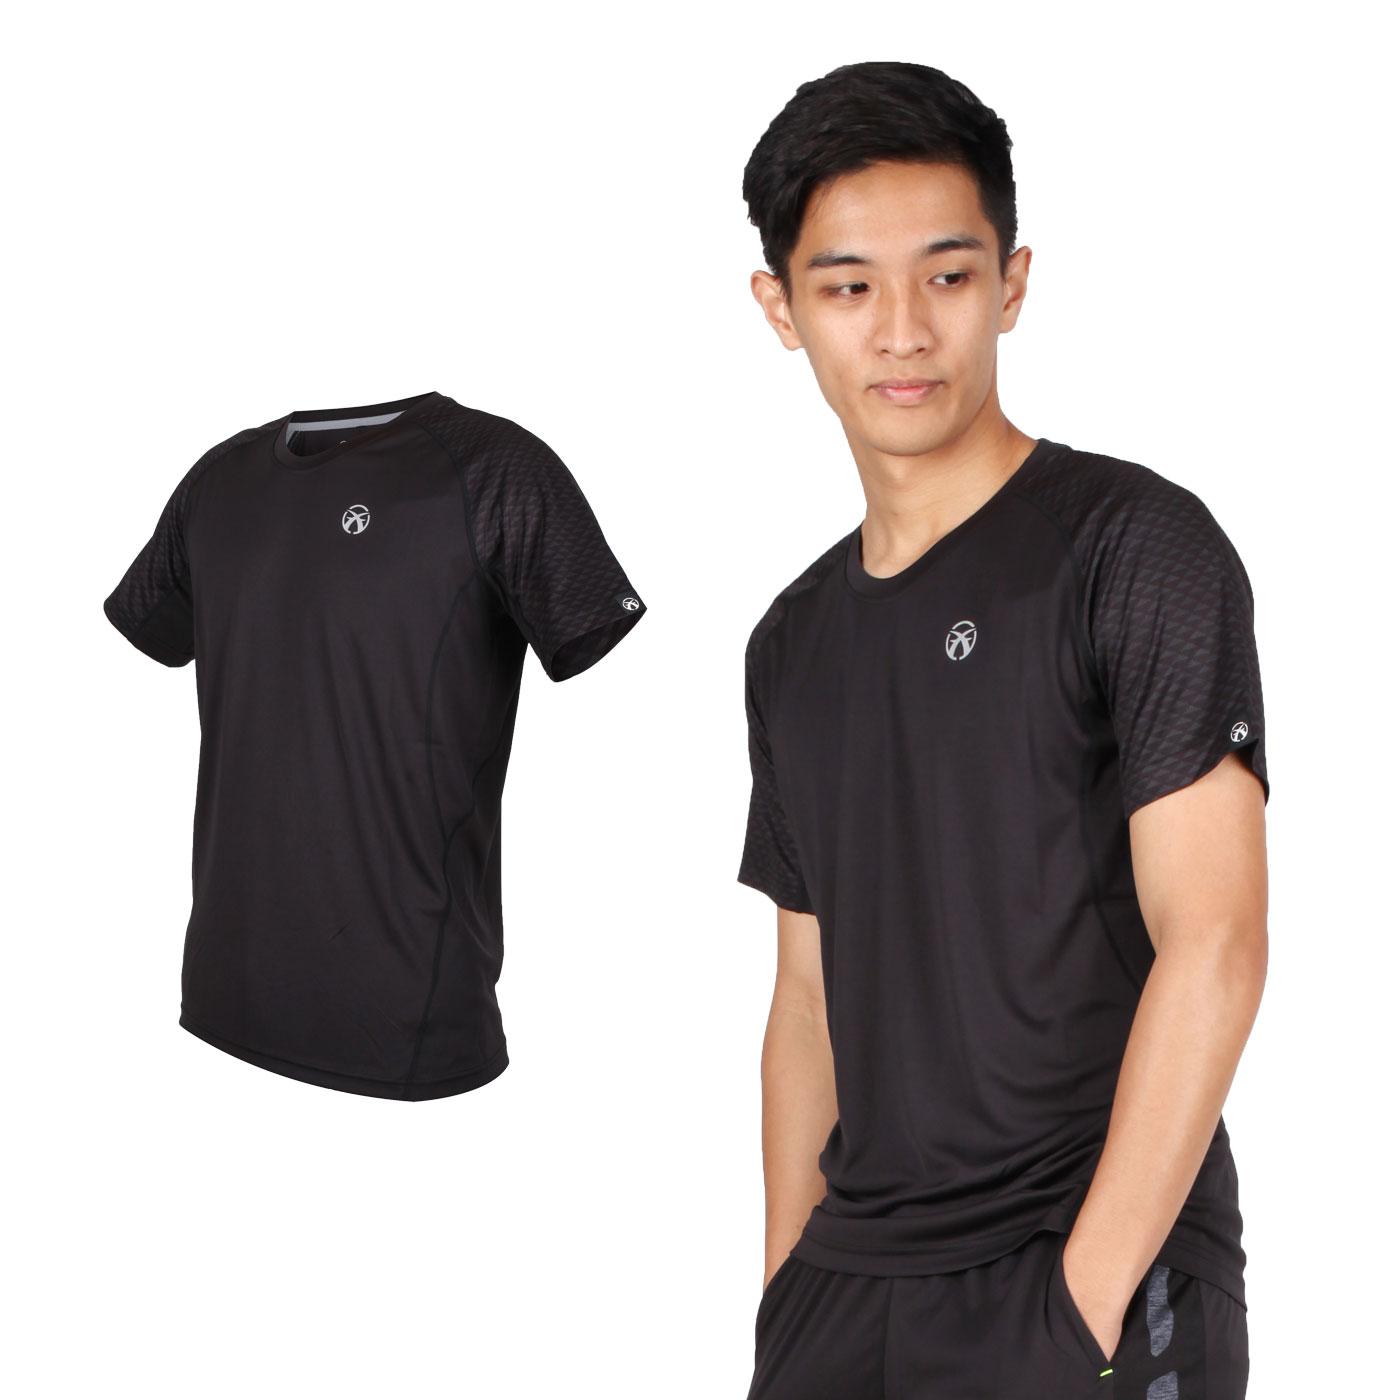 FIRESTAR 男款吸濕排汗圓領短袖T恤 D9235-10 - 黑銀